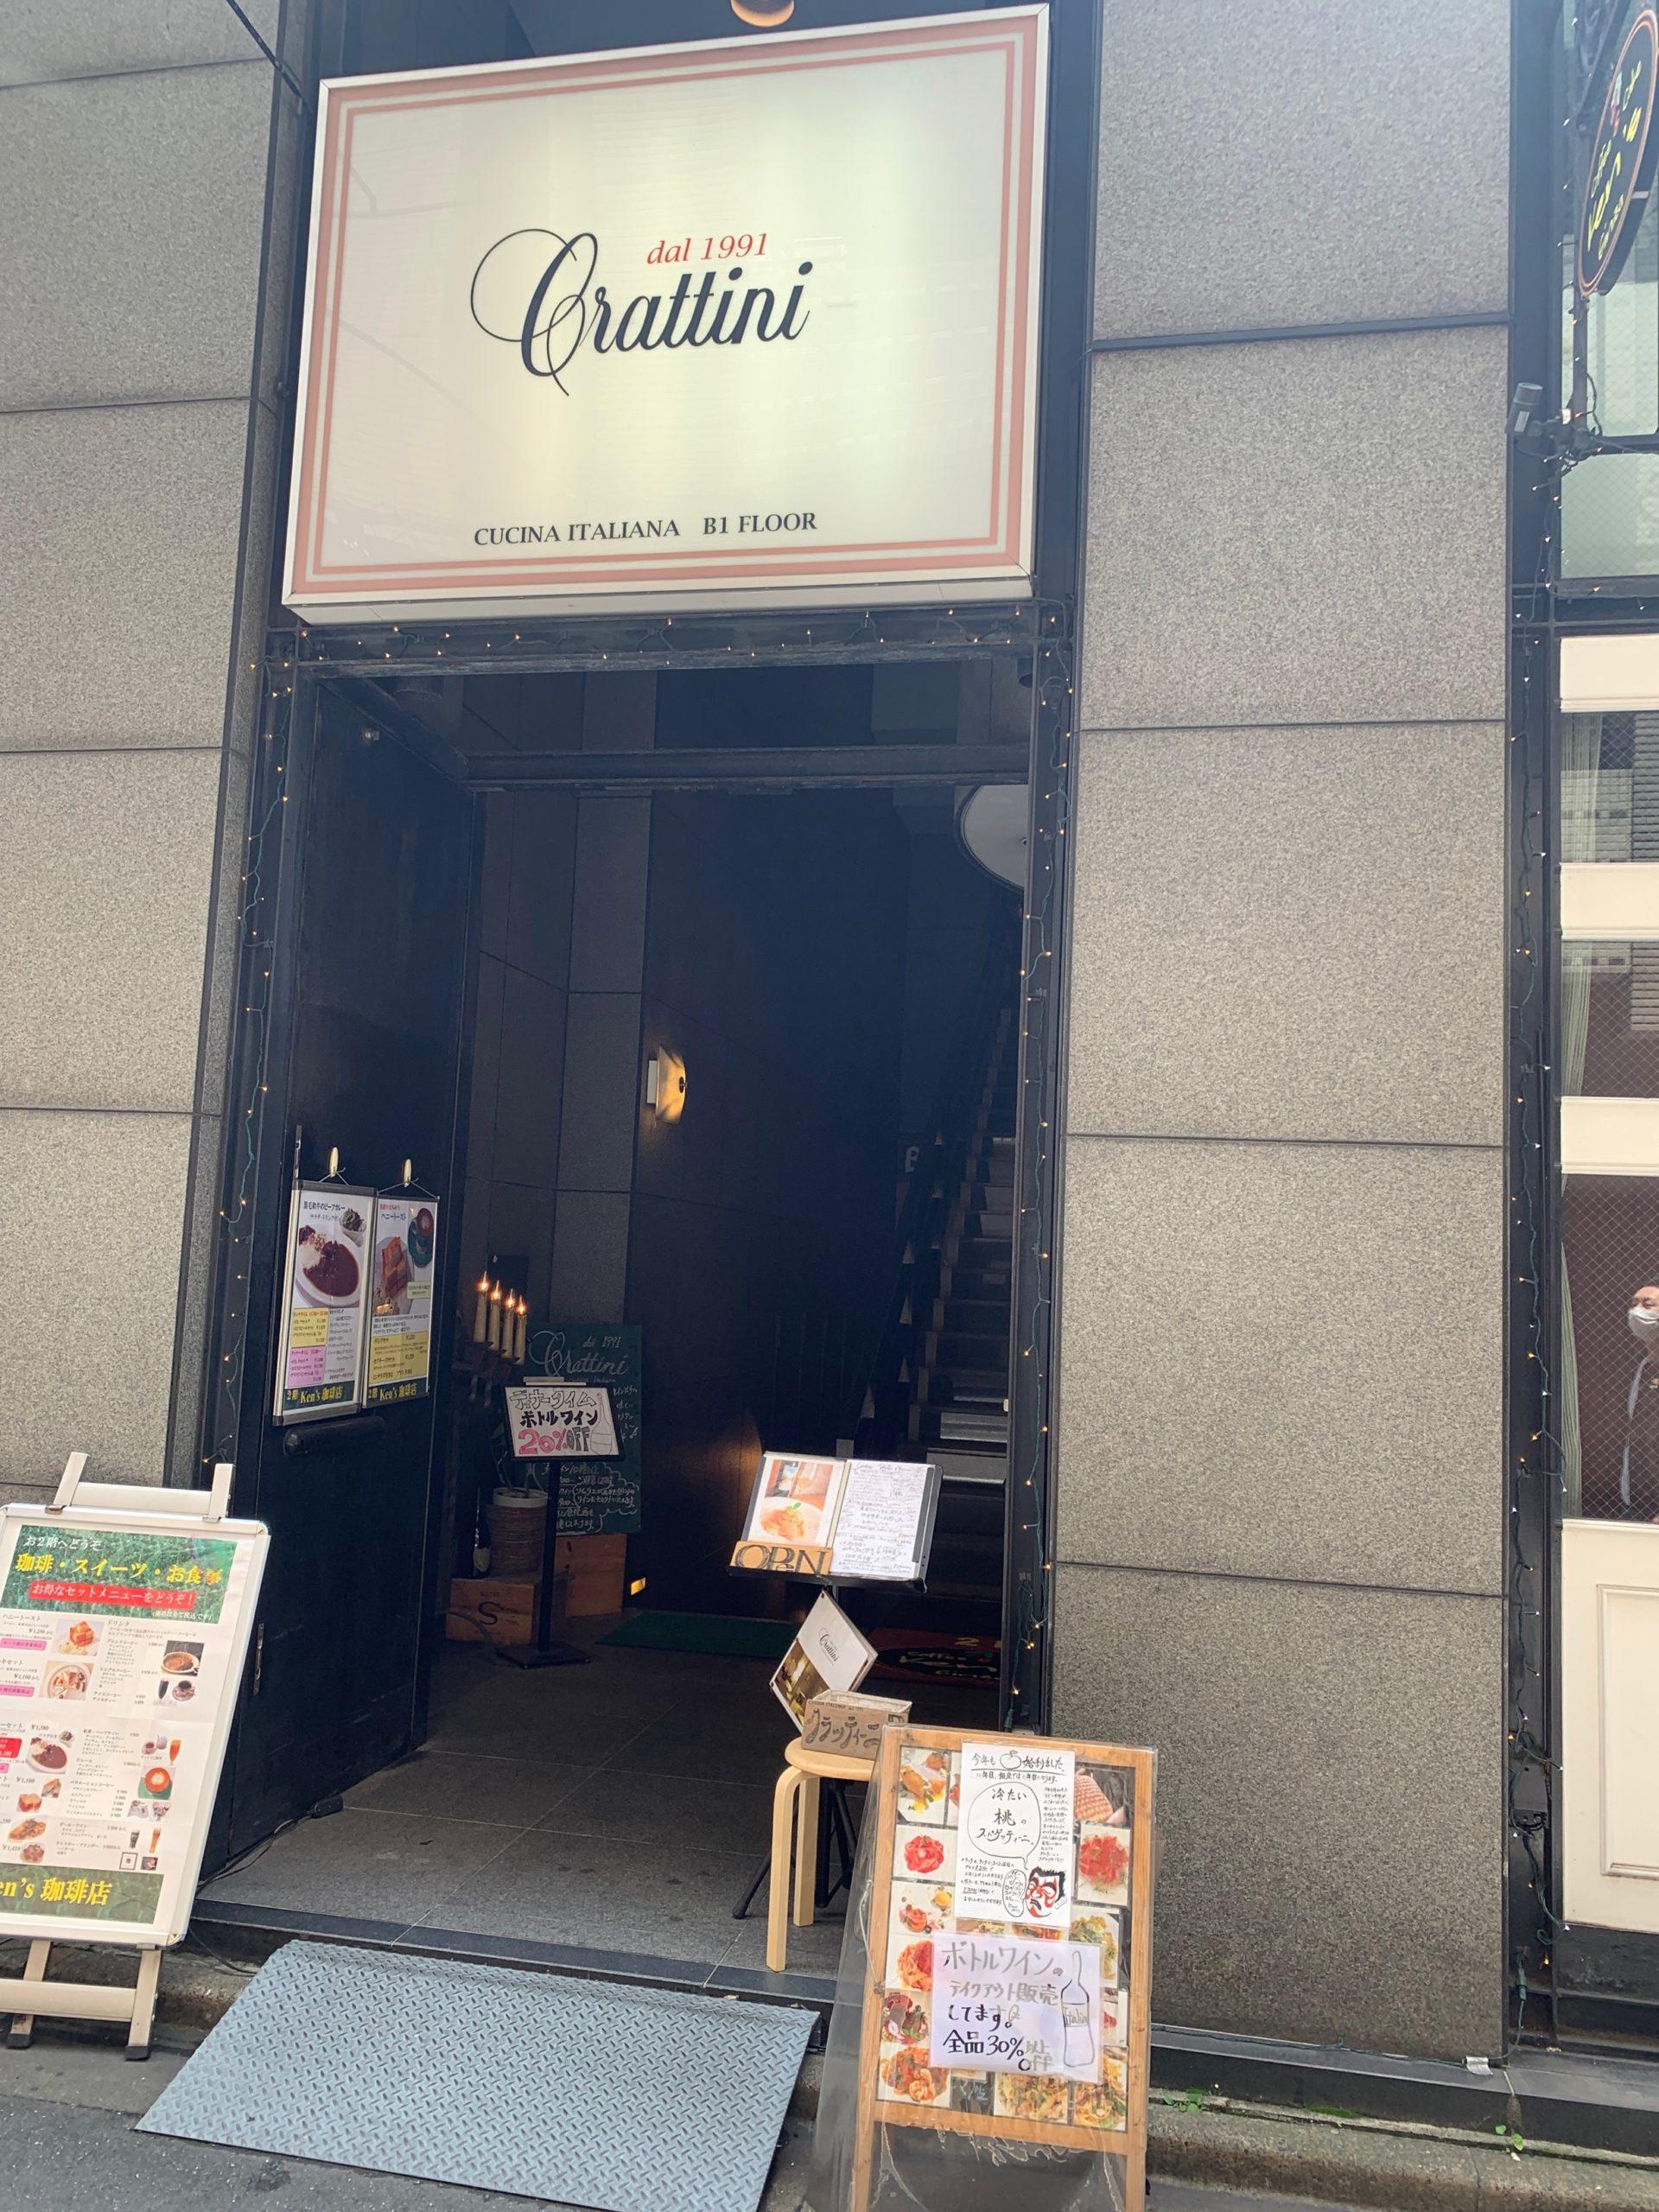 クラッティーニ入口